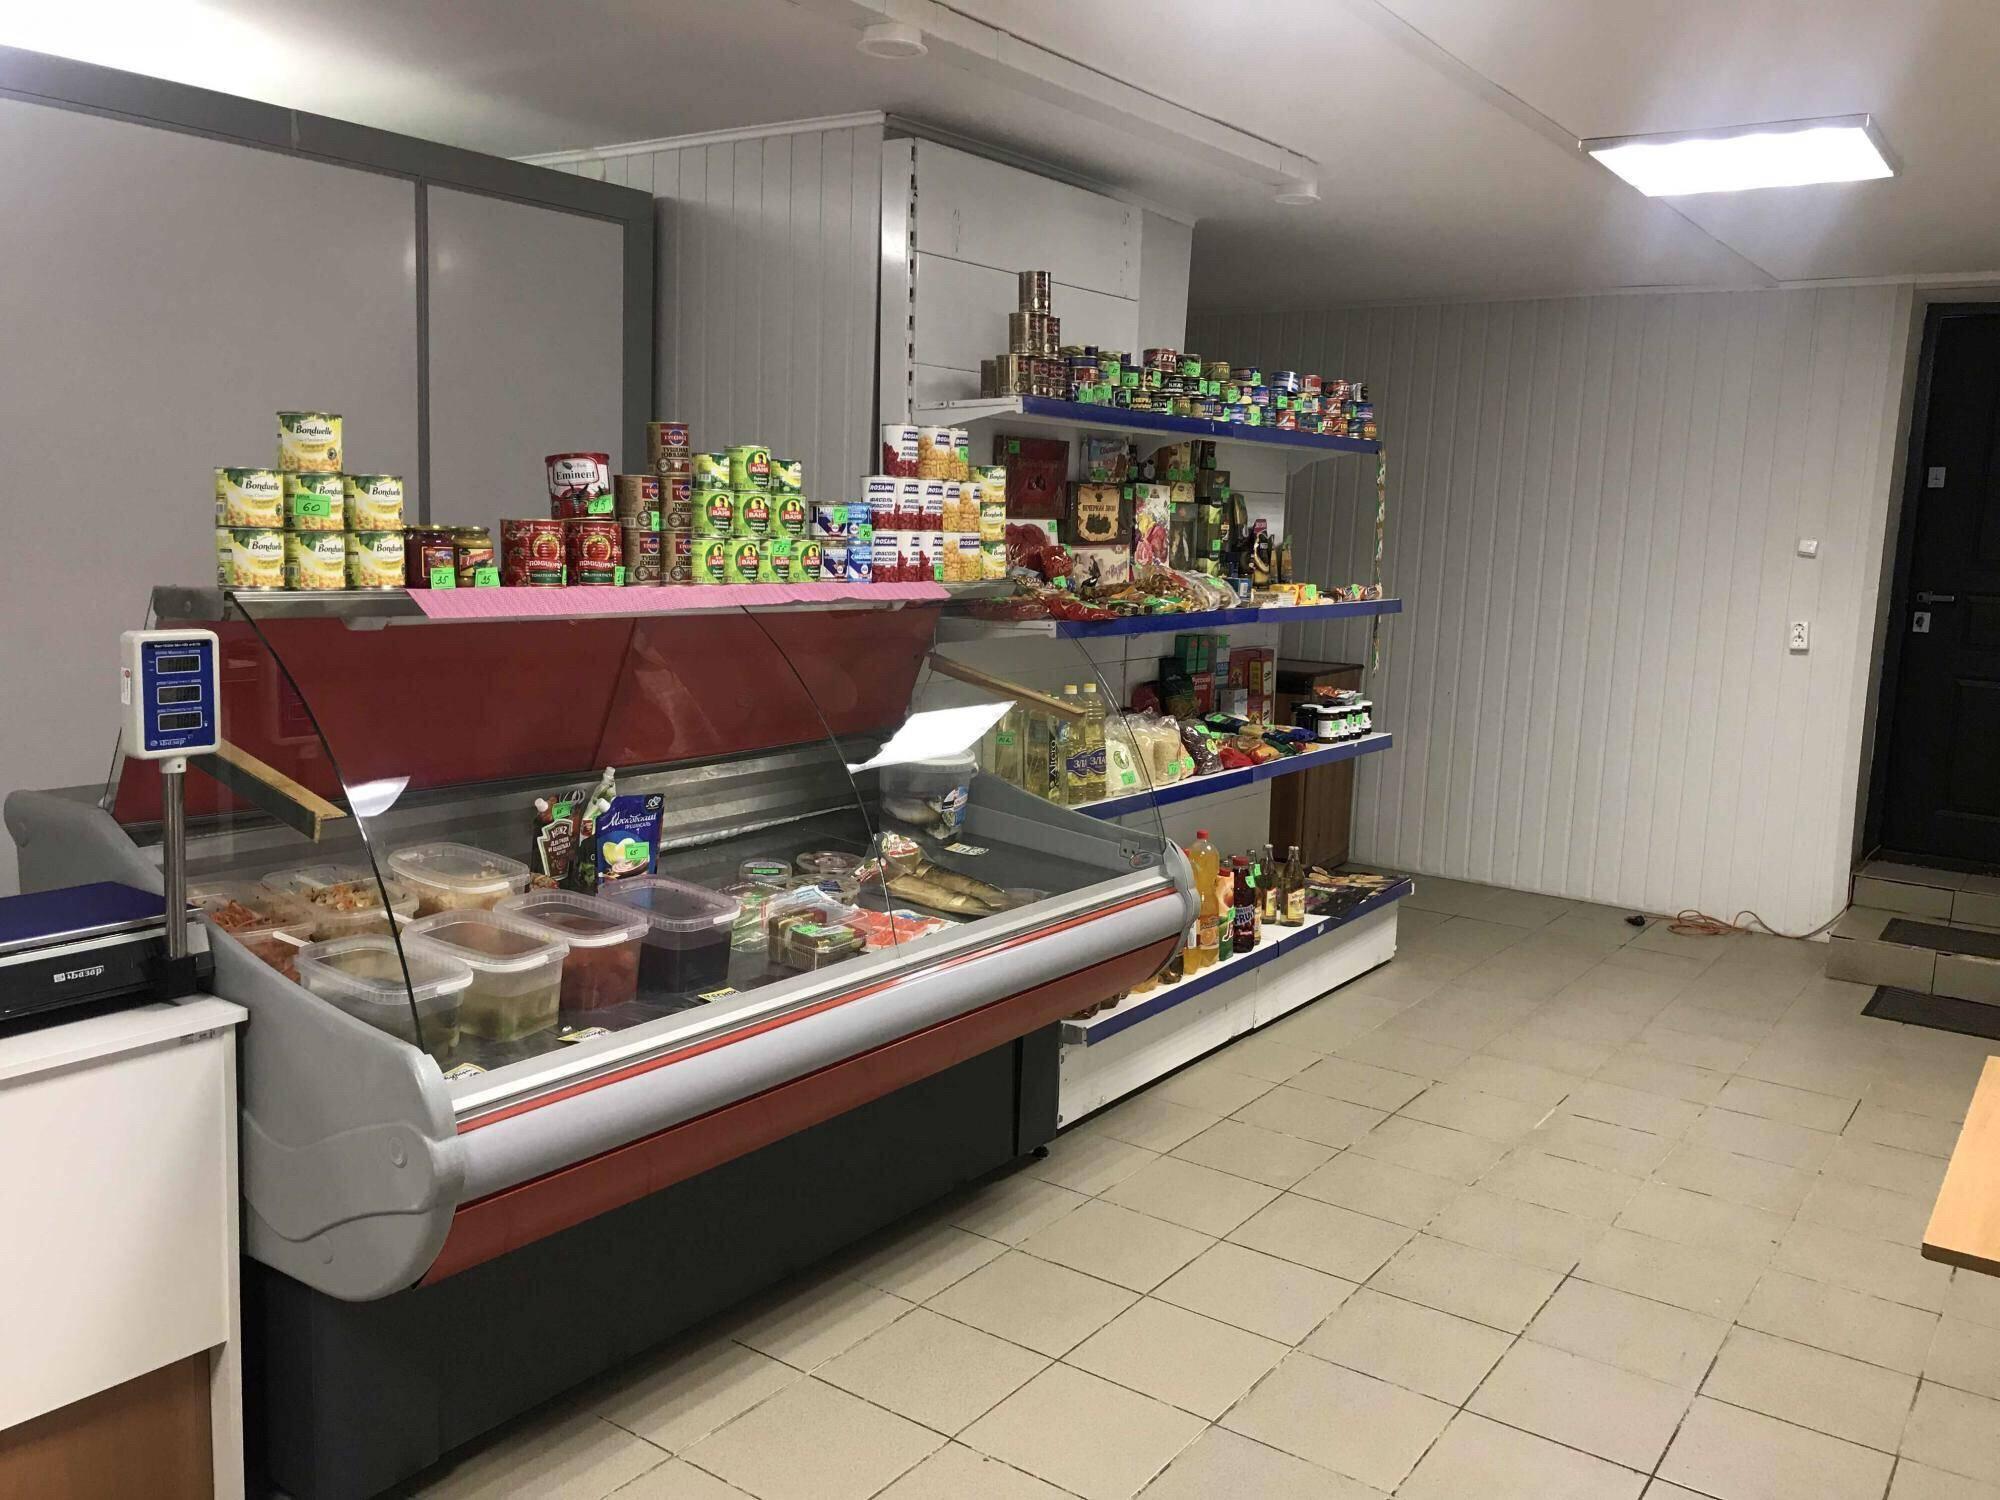 Бизнес в чехии: варианты, перспективы, риски – мигранту мир